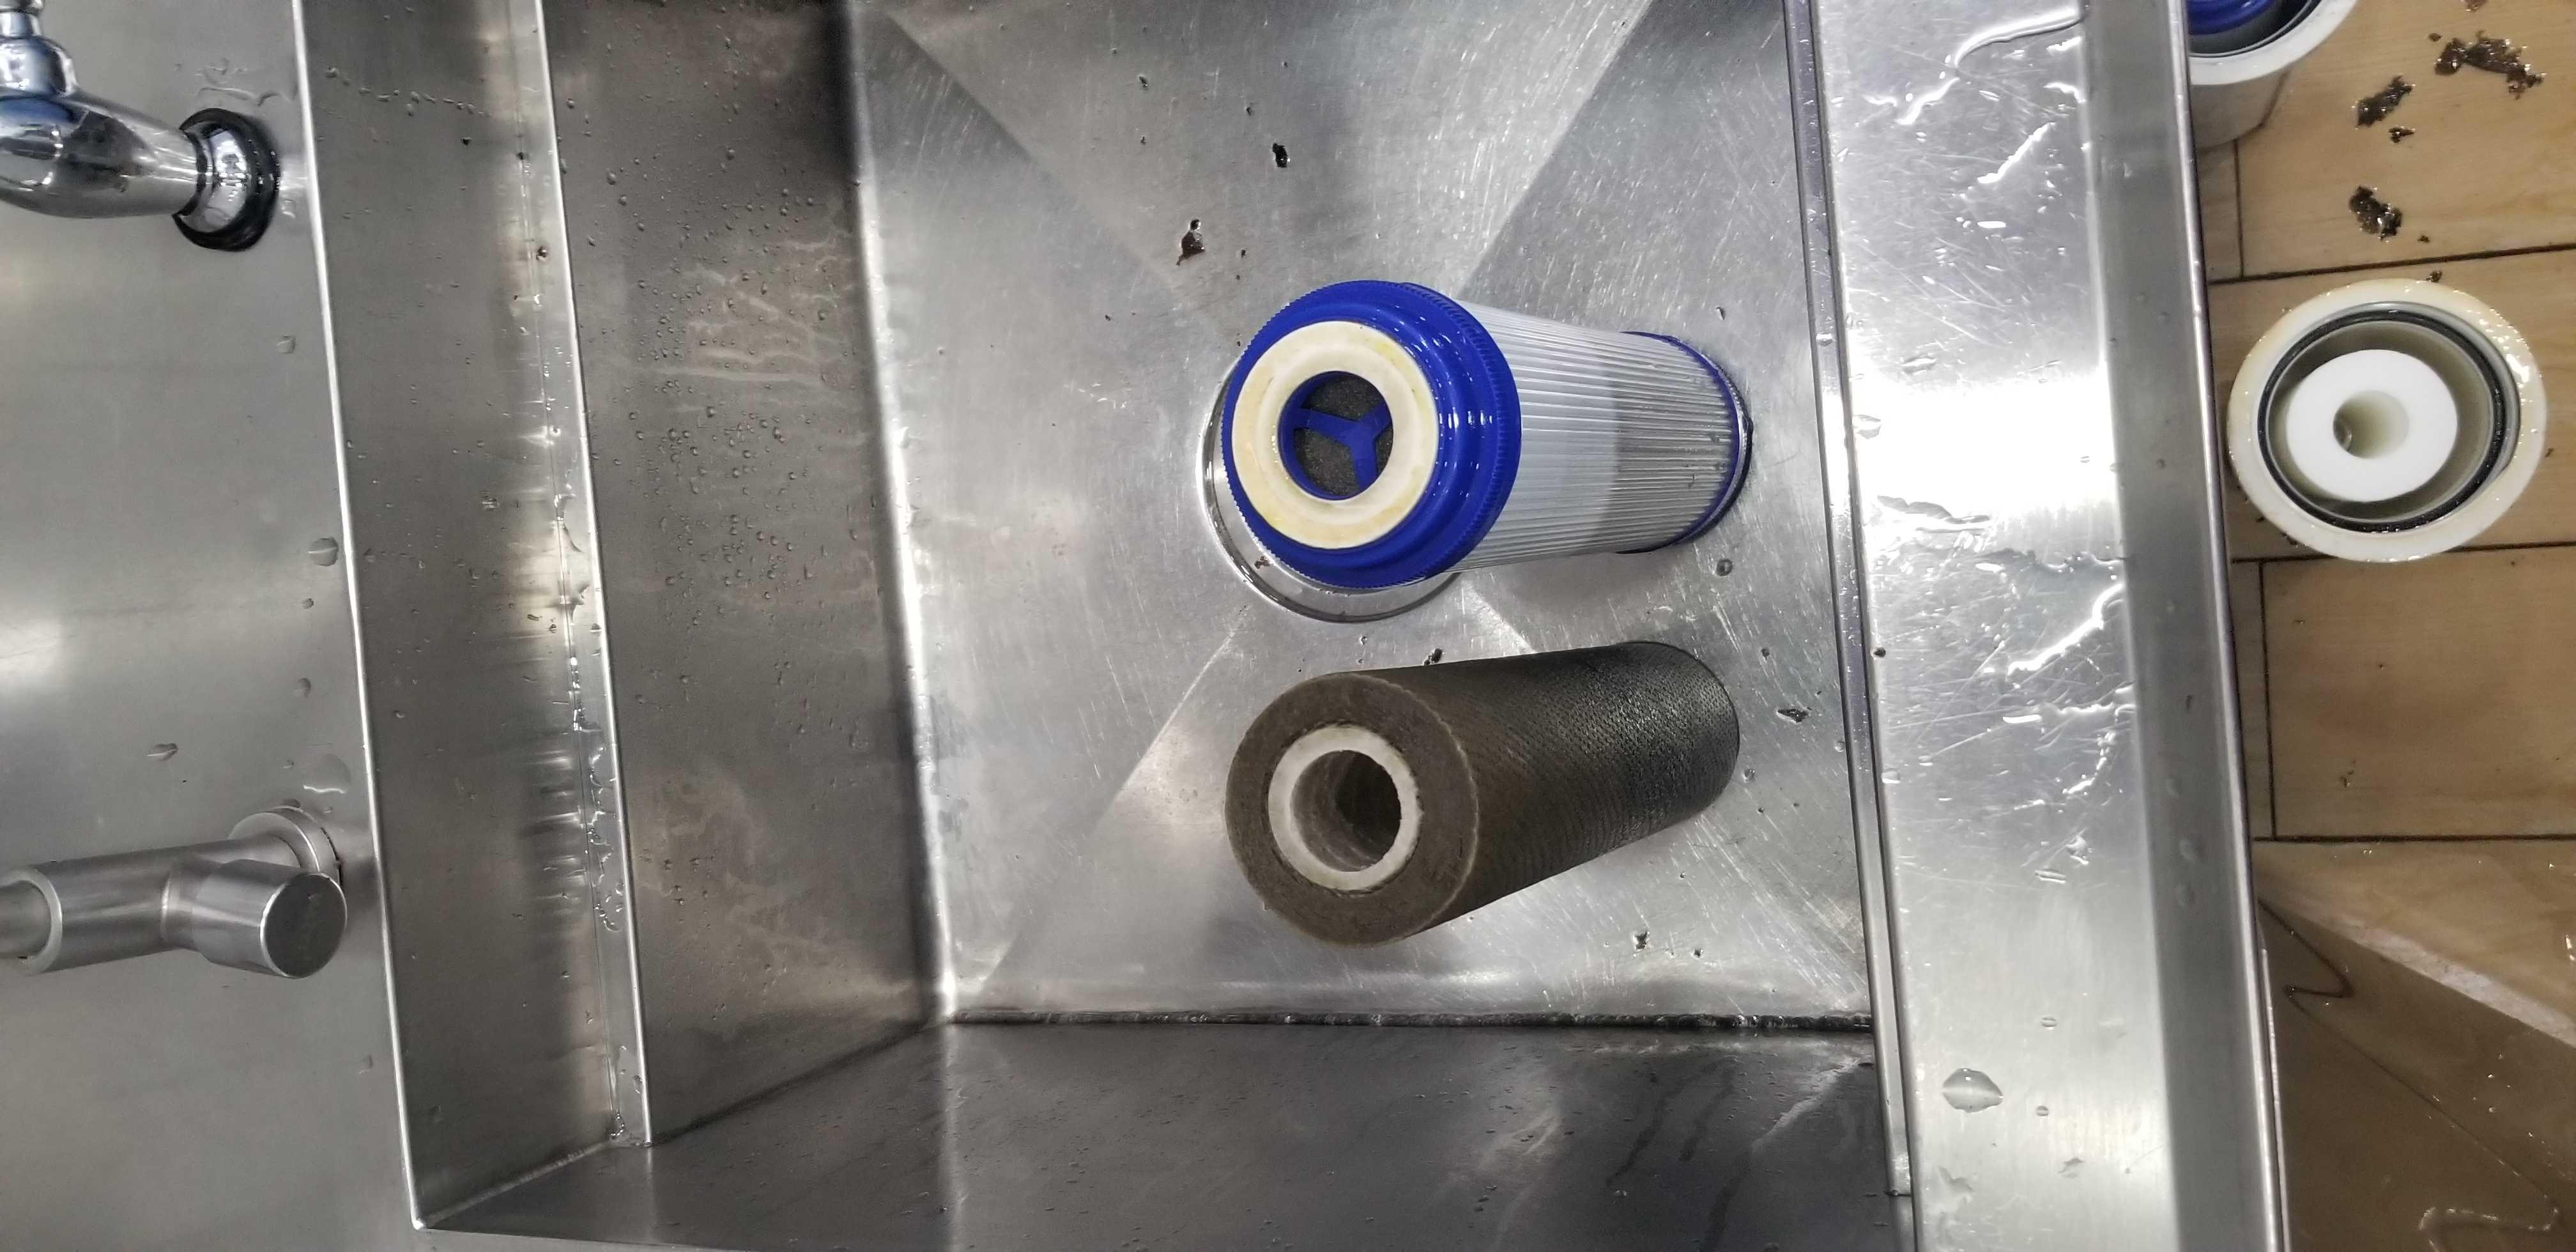 安吉尔净水器更换滤芯前后对比